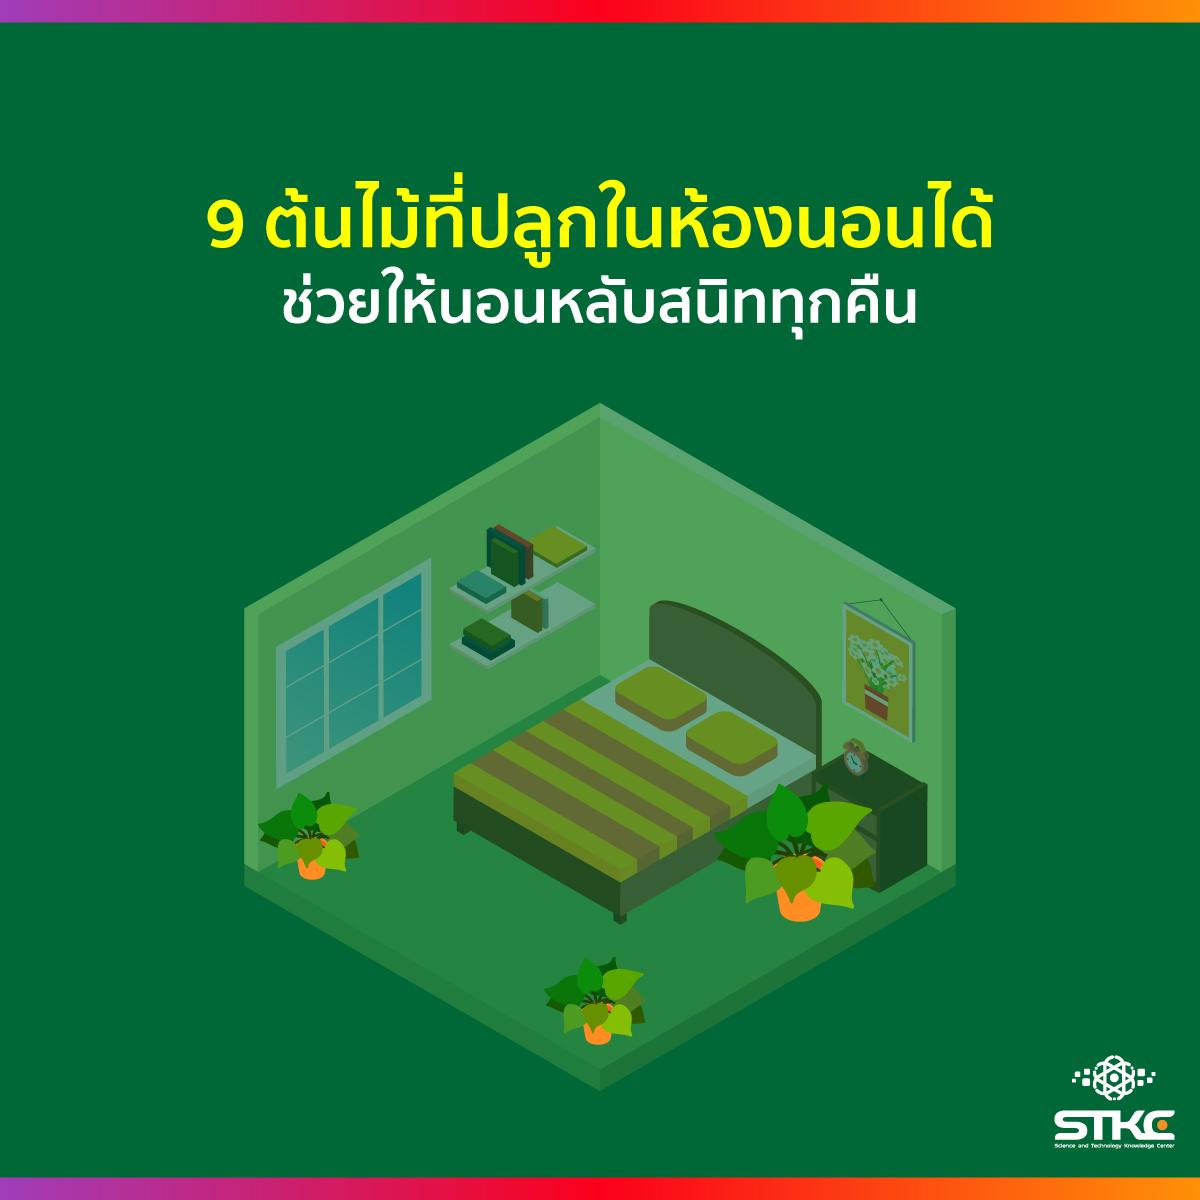 9 ต้นไม้ที่ปลูกในห้องนอนได้ ช่วยให้นอนหลับสนิททุกคืน